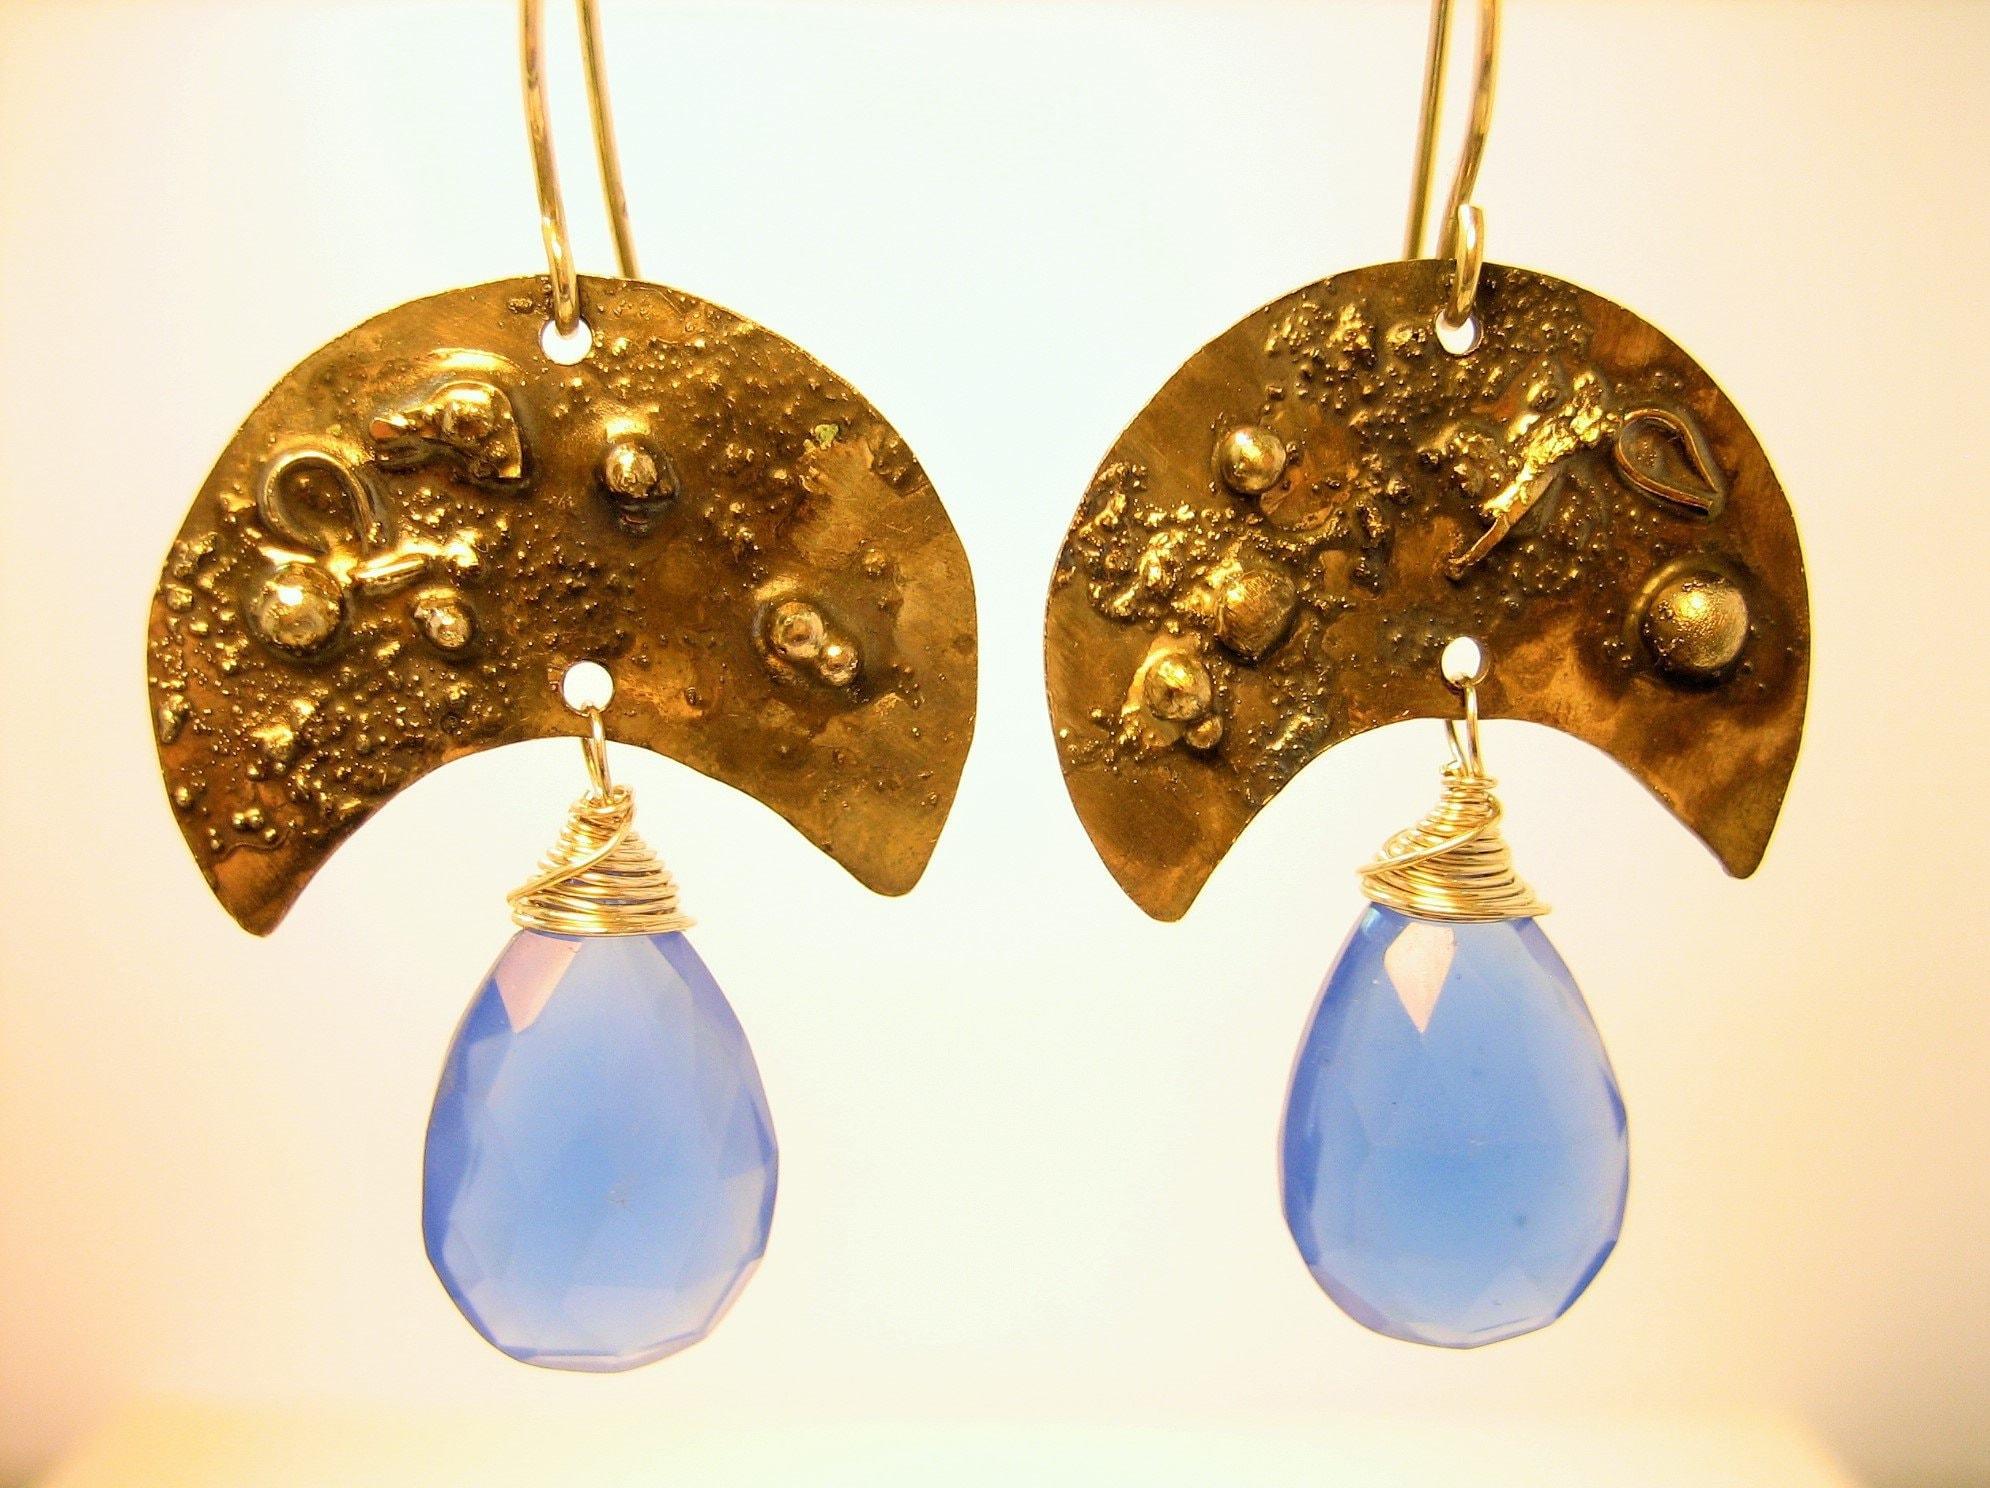 Oxidized silver and chalcedony earrings, texturized earrings, blackened moon artisan earrings, moon shaped rustic earrings